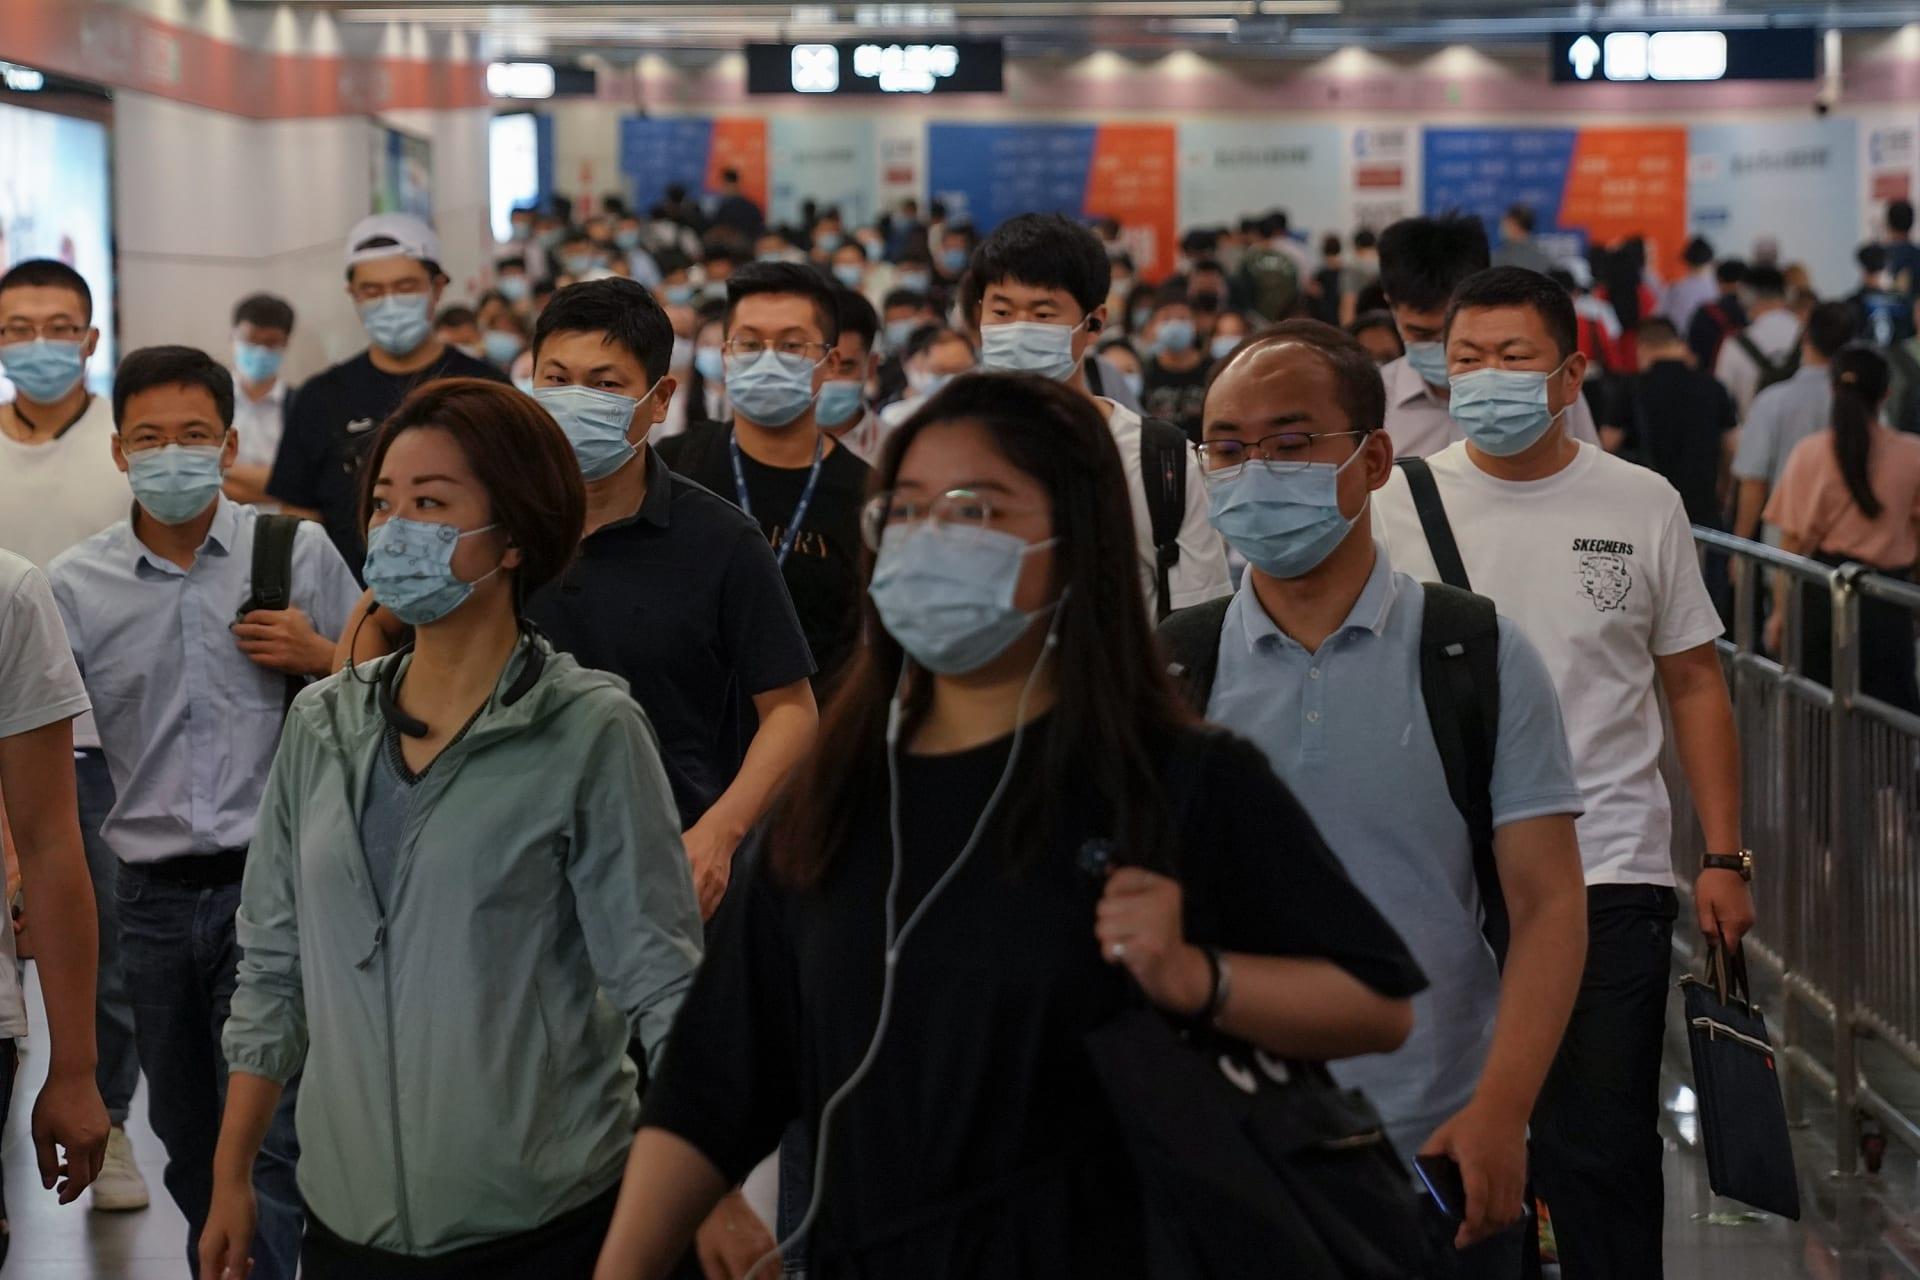 المئات في العاصمة الصينية بكين يرتدون أقنعة طبية للوقاية من فيروس كورونا المستجد